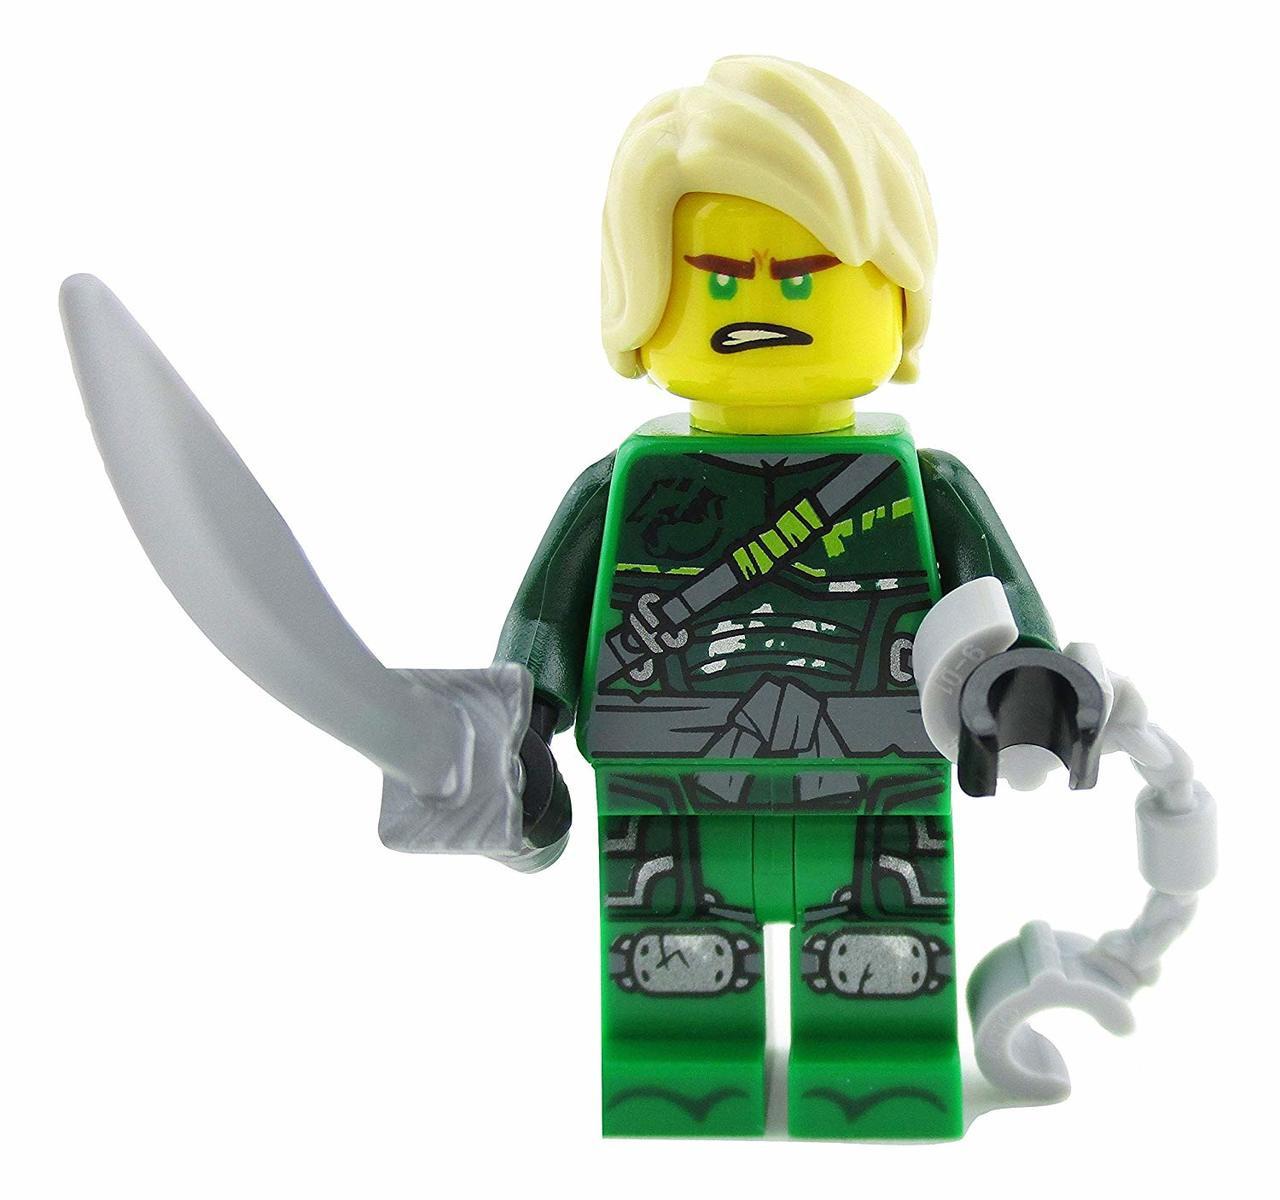 LEGO® Ninjago - Lloyd Hunted from 70651 - The Brick People